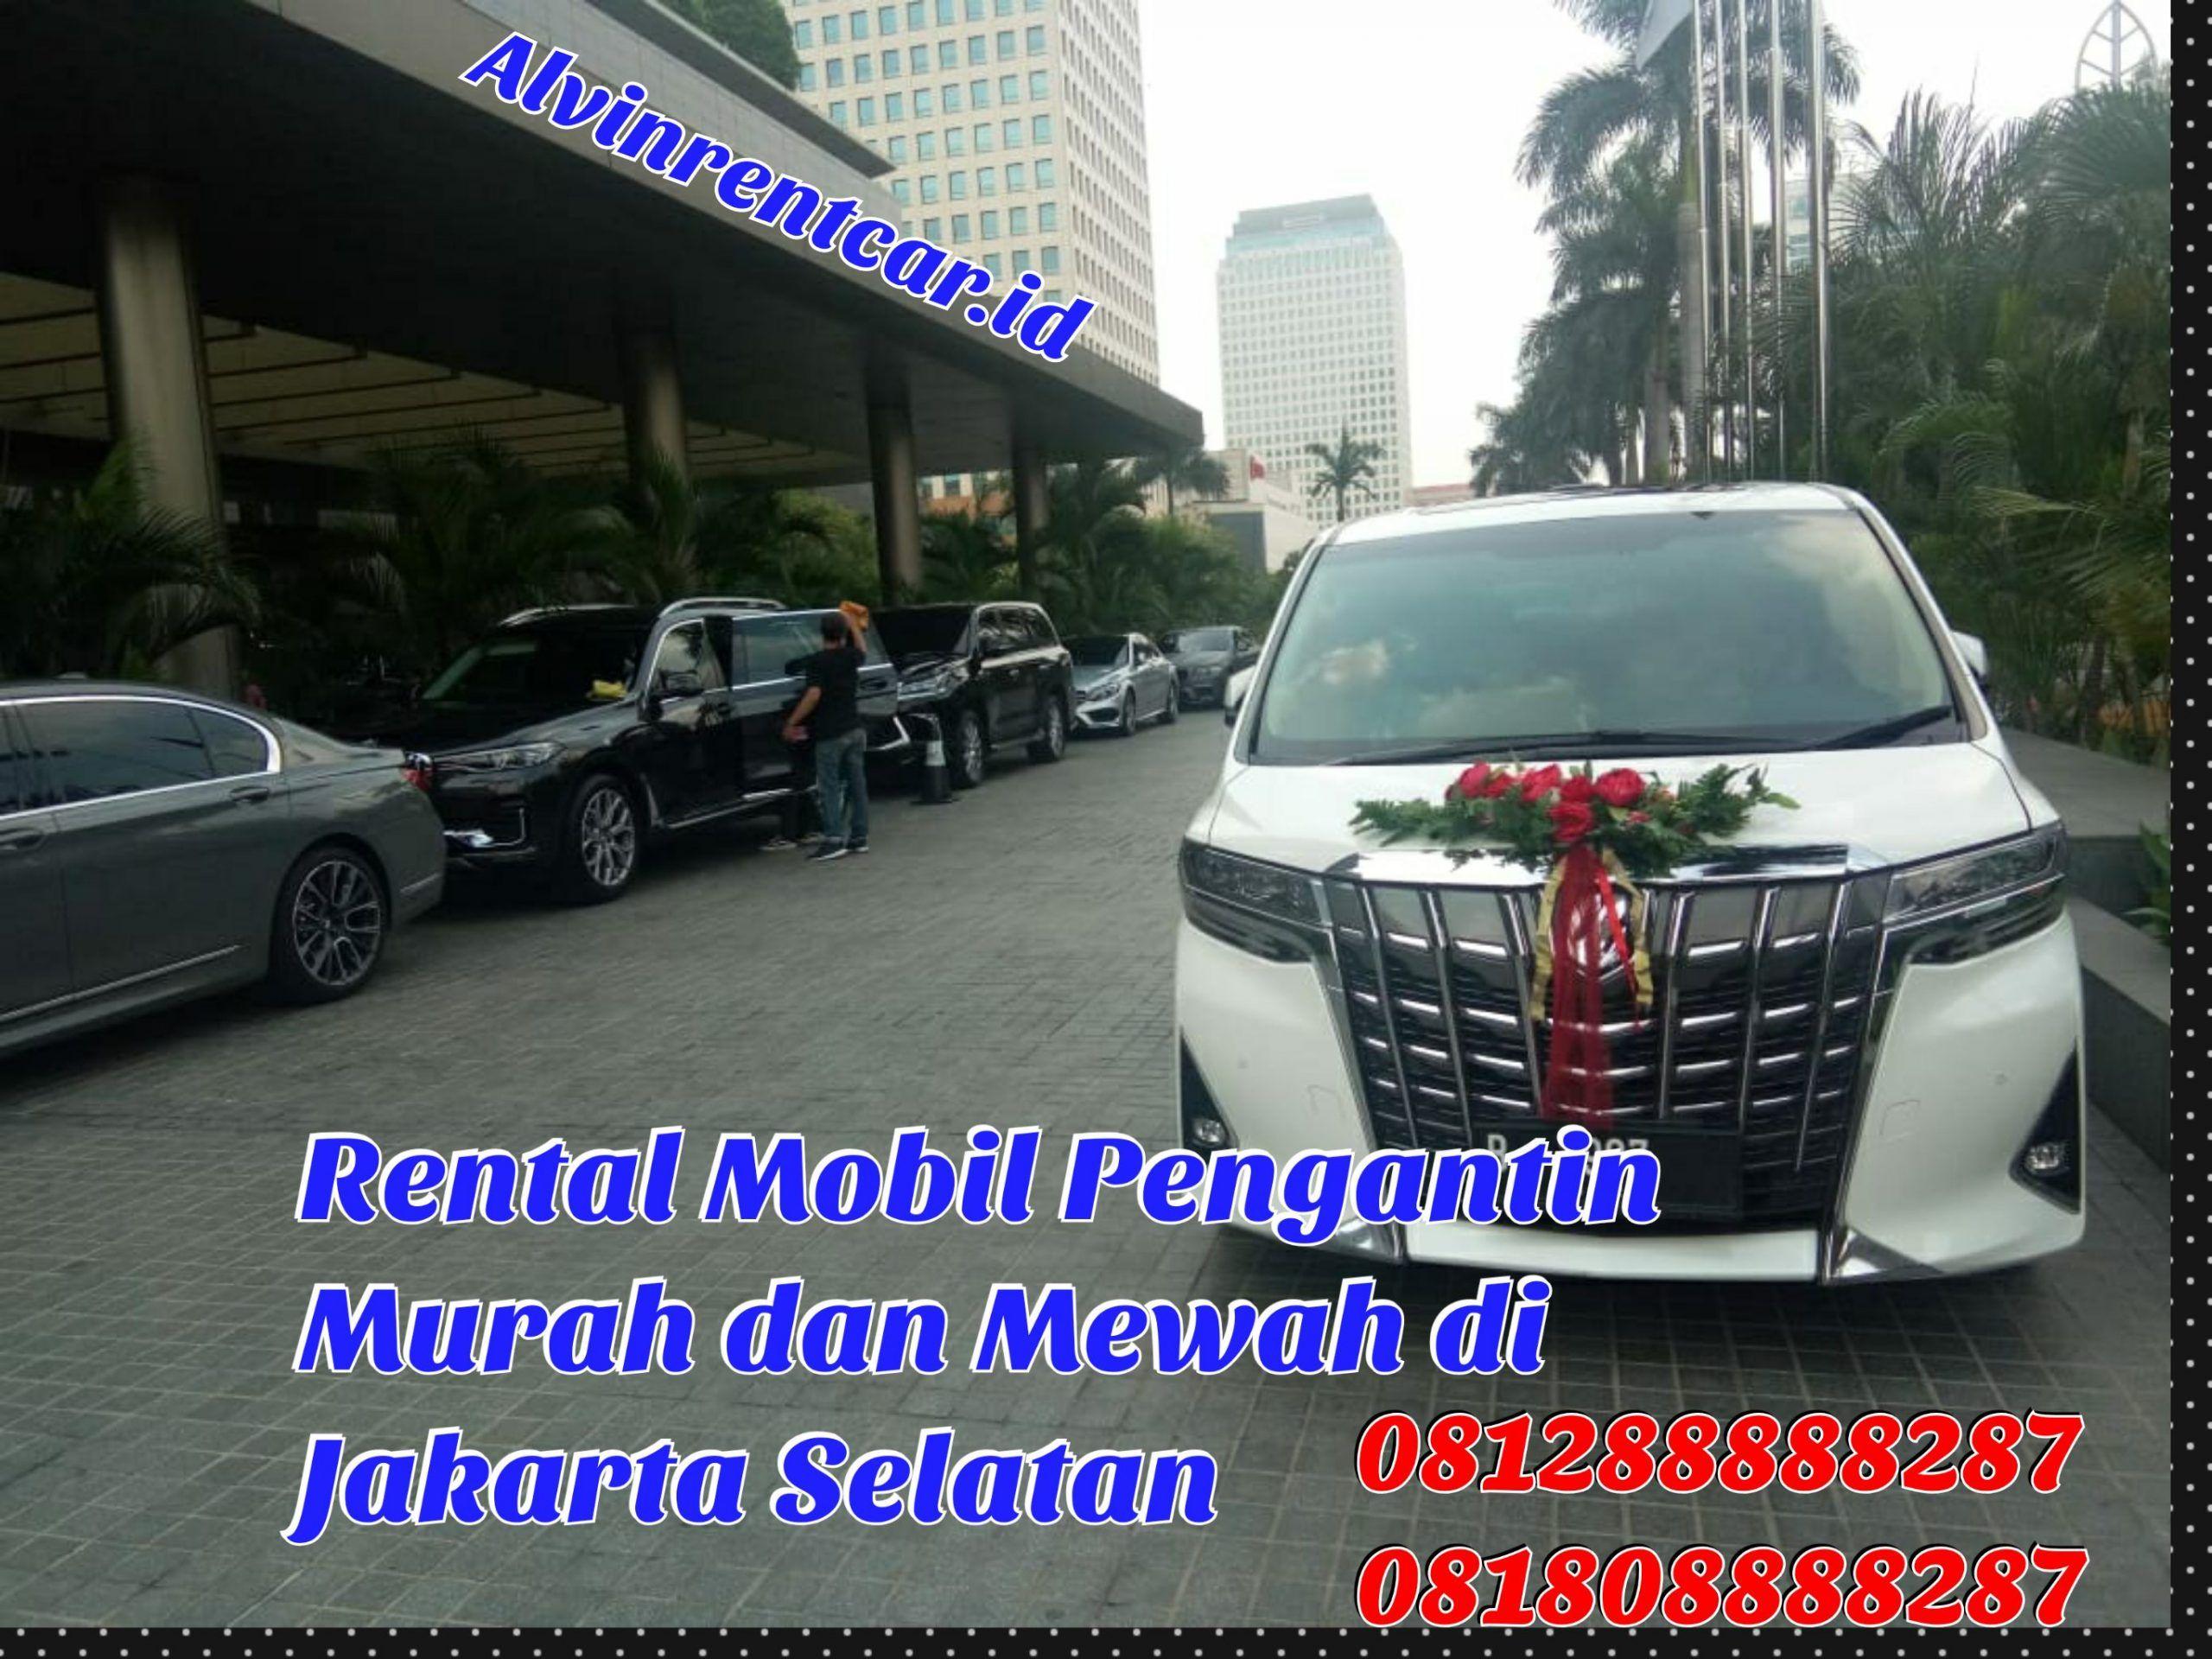 Rental Mobil Pengantin Di Jakarta Selatan Mobil Mewah Mercedes Mobil